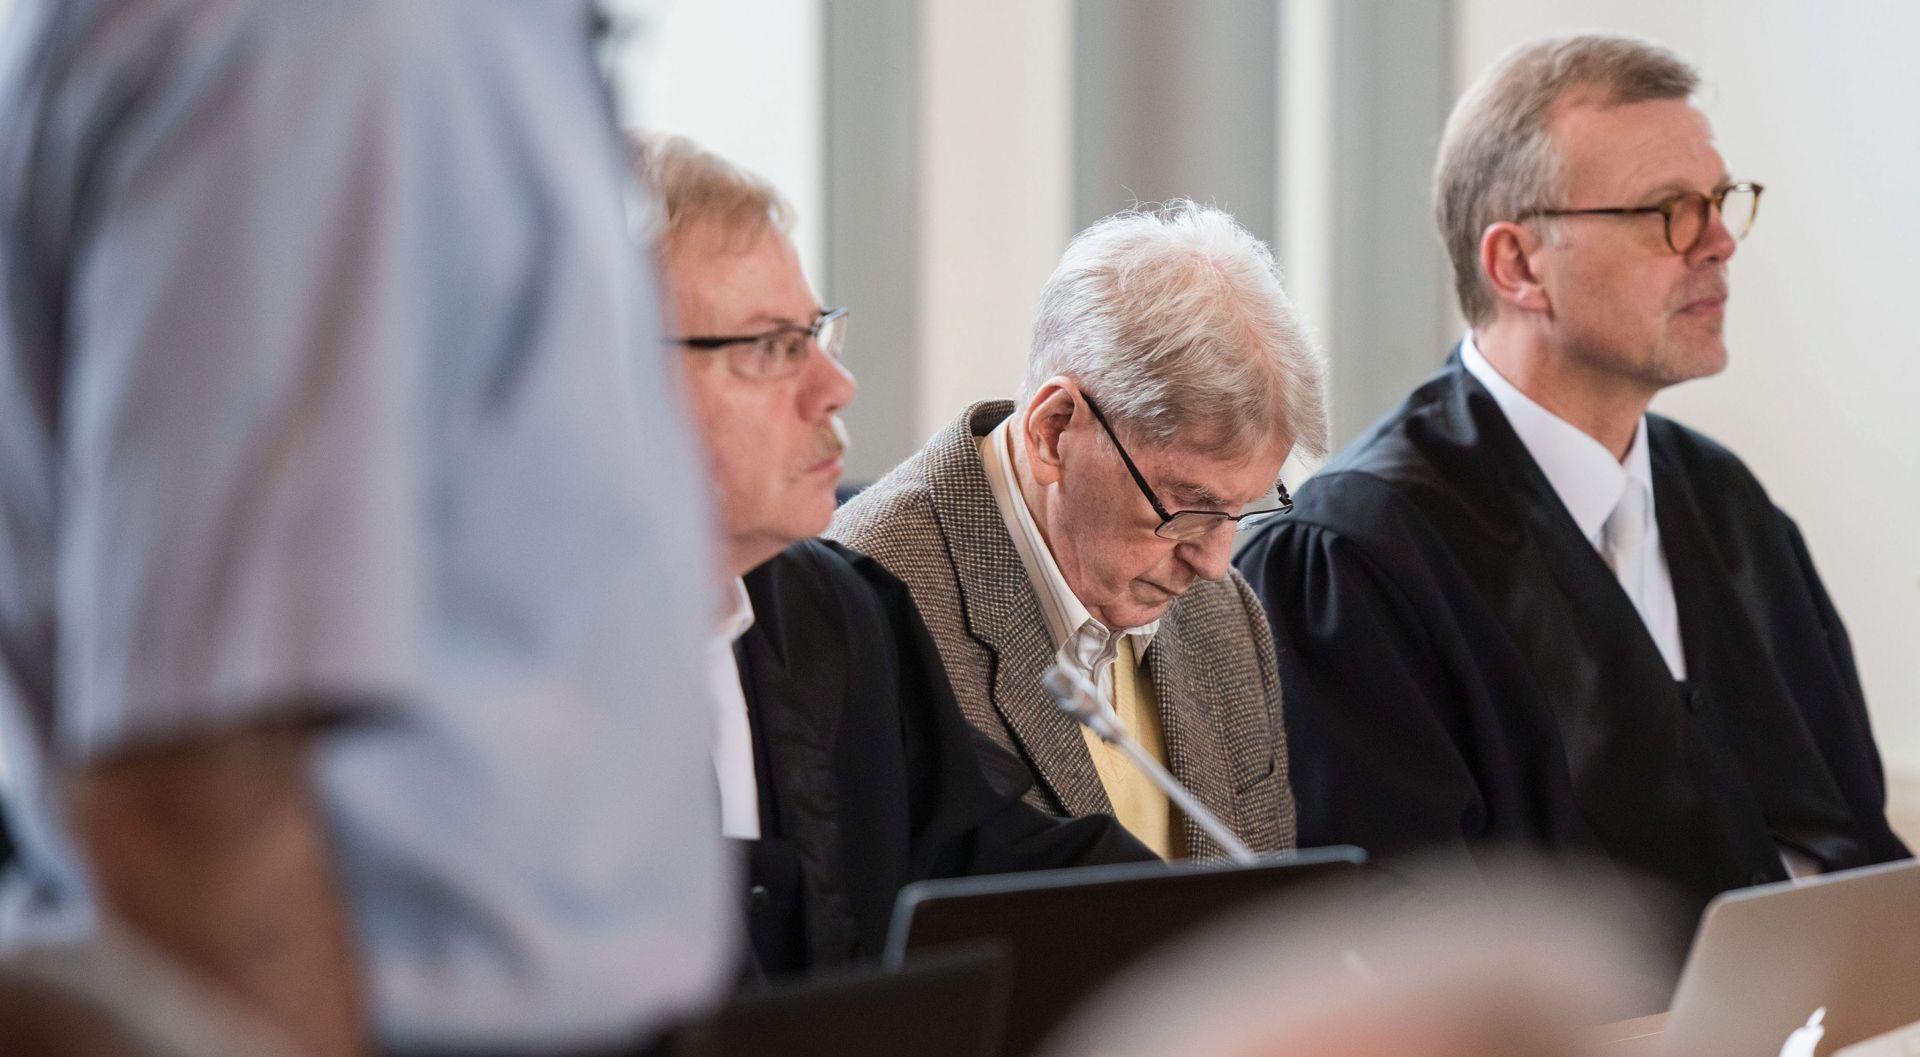 ZBOG UBOJSTVA NAJMANJE 170 TISUĆA LJUDI Počelo suđenje 94-godišnjem bivšem SS-ovu